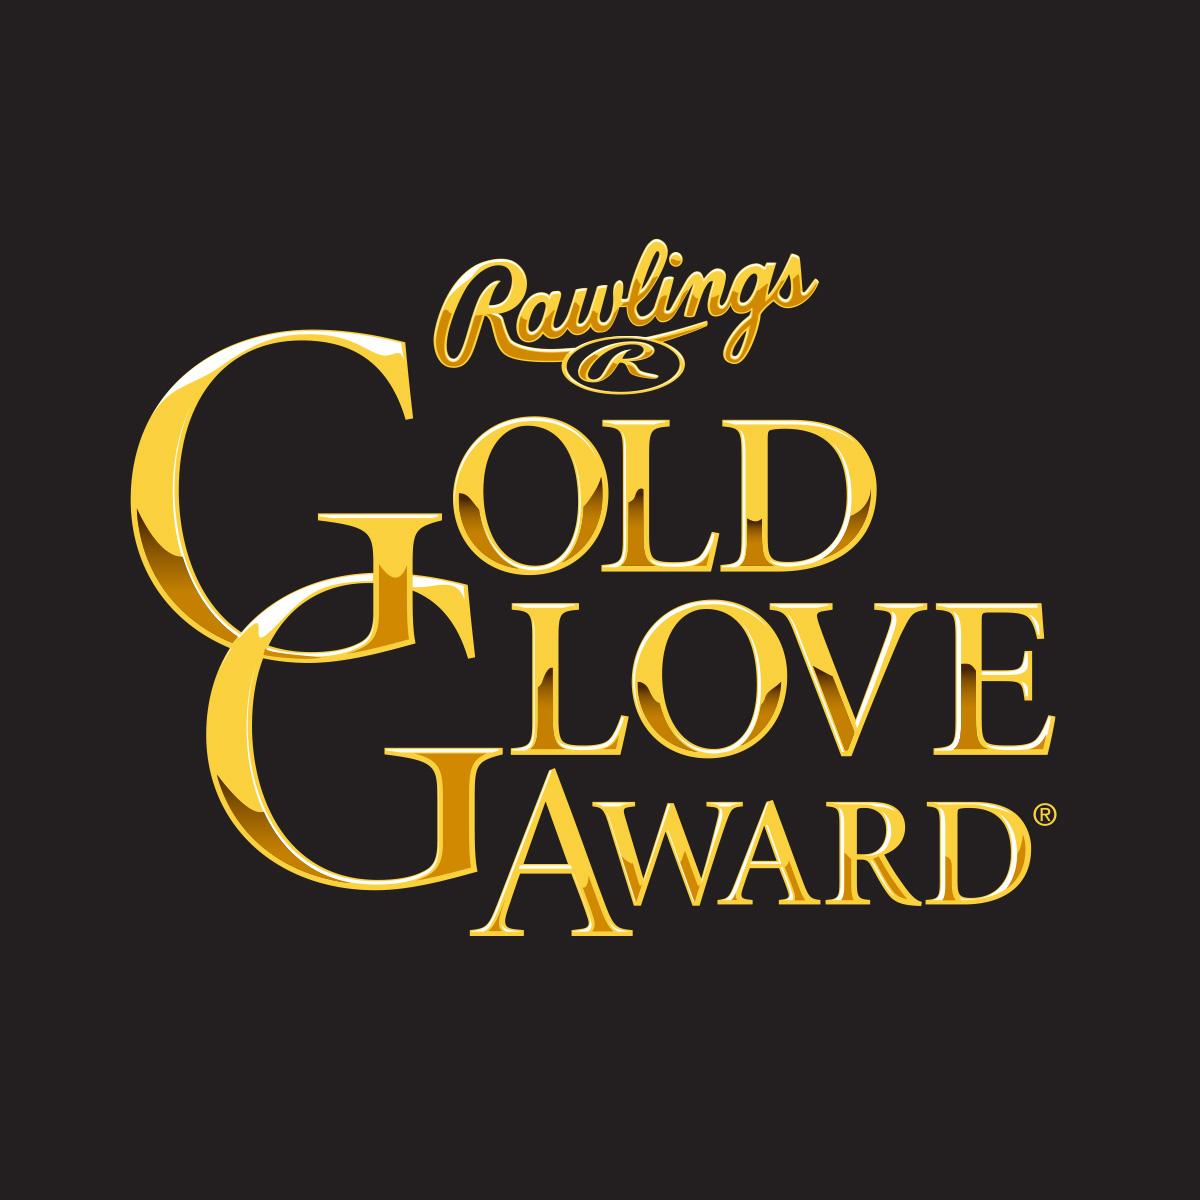 Rawlings Gold Glove Award logo